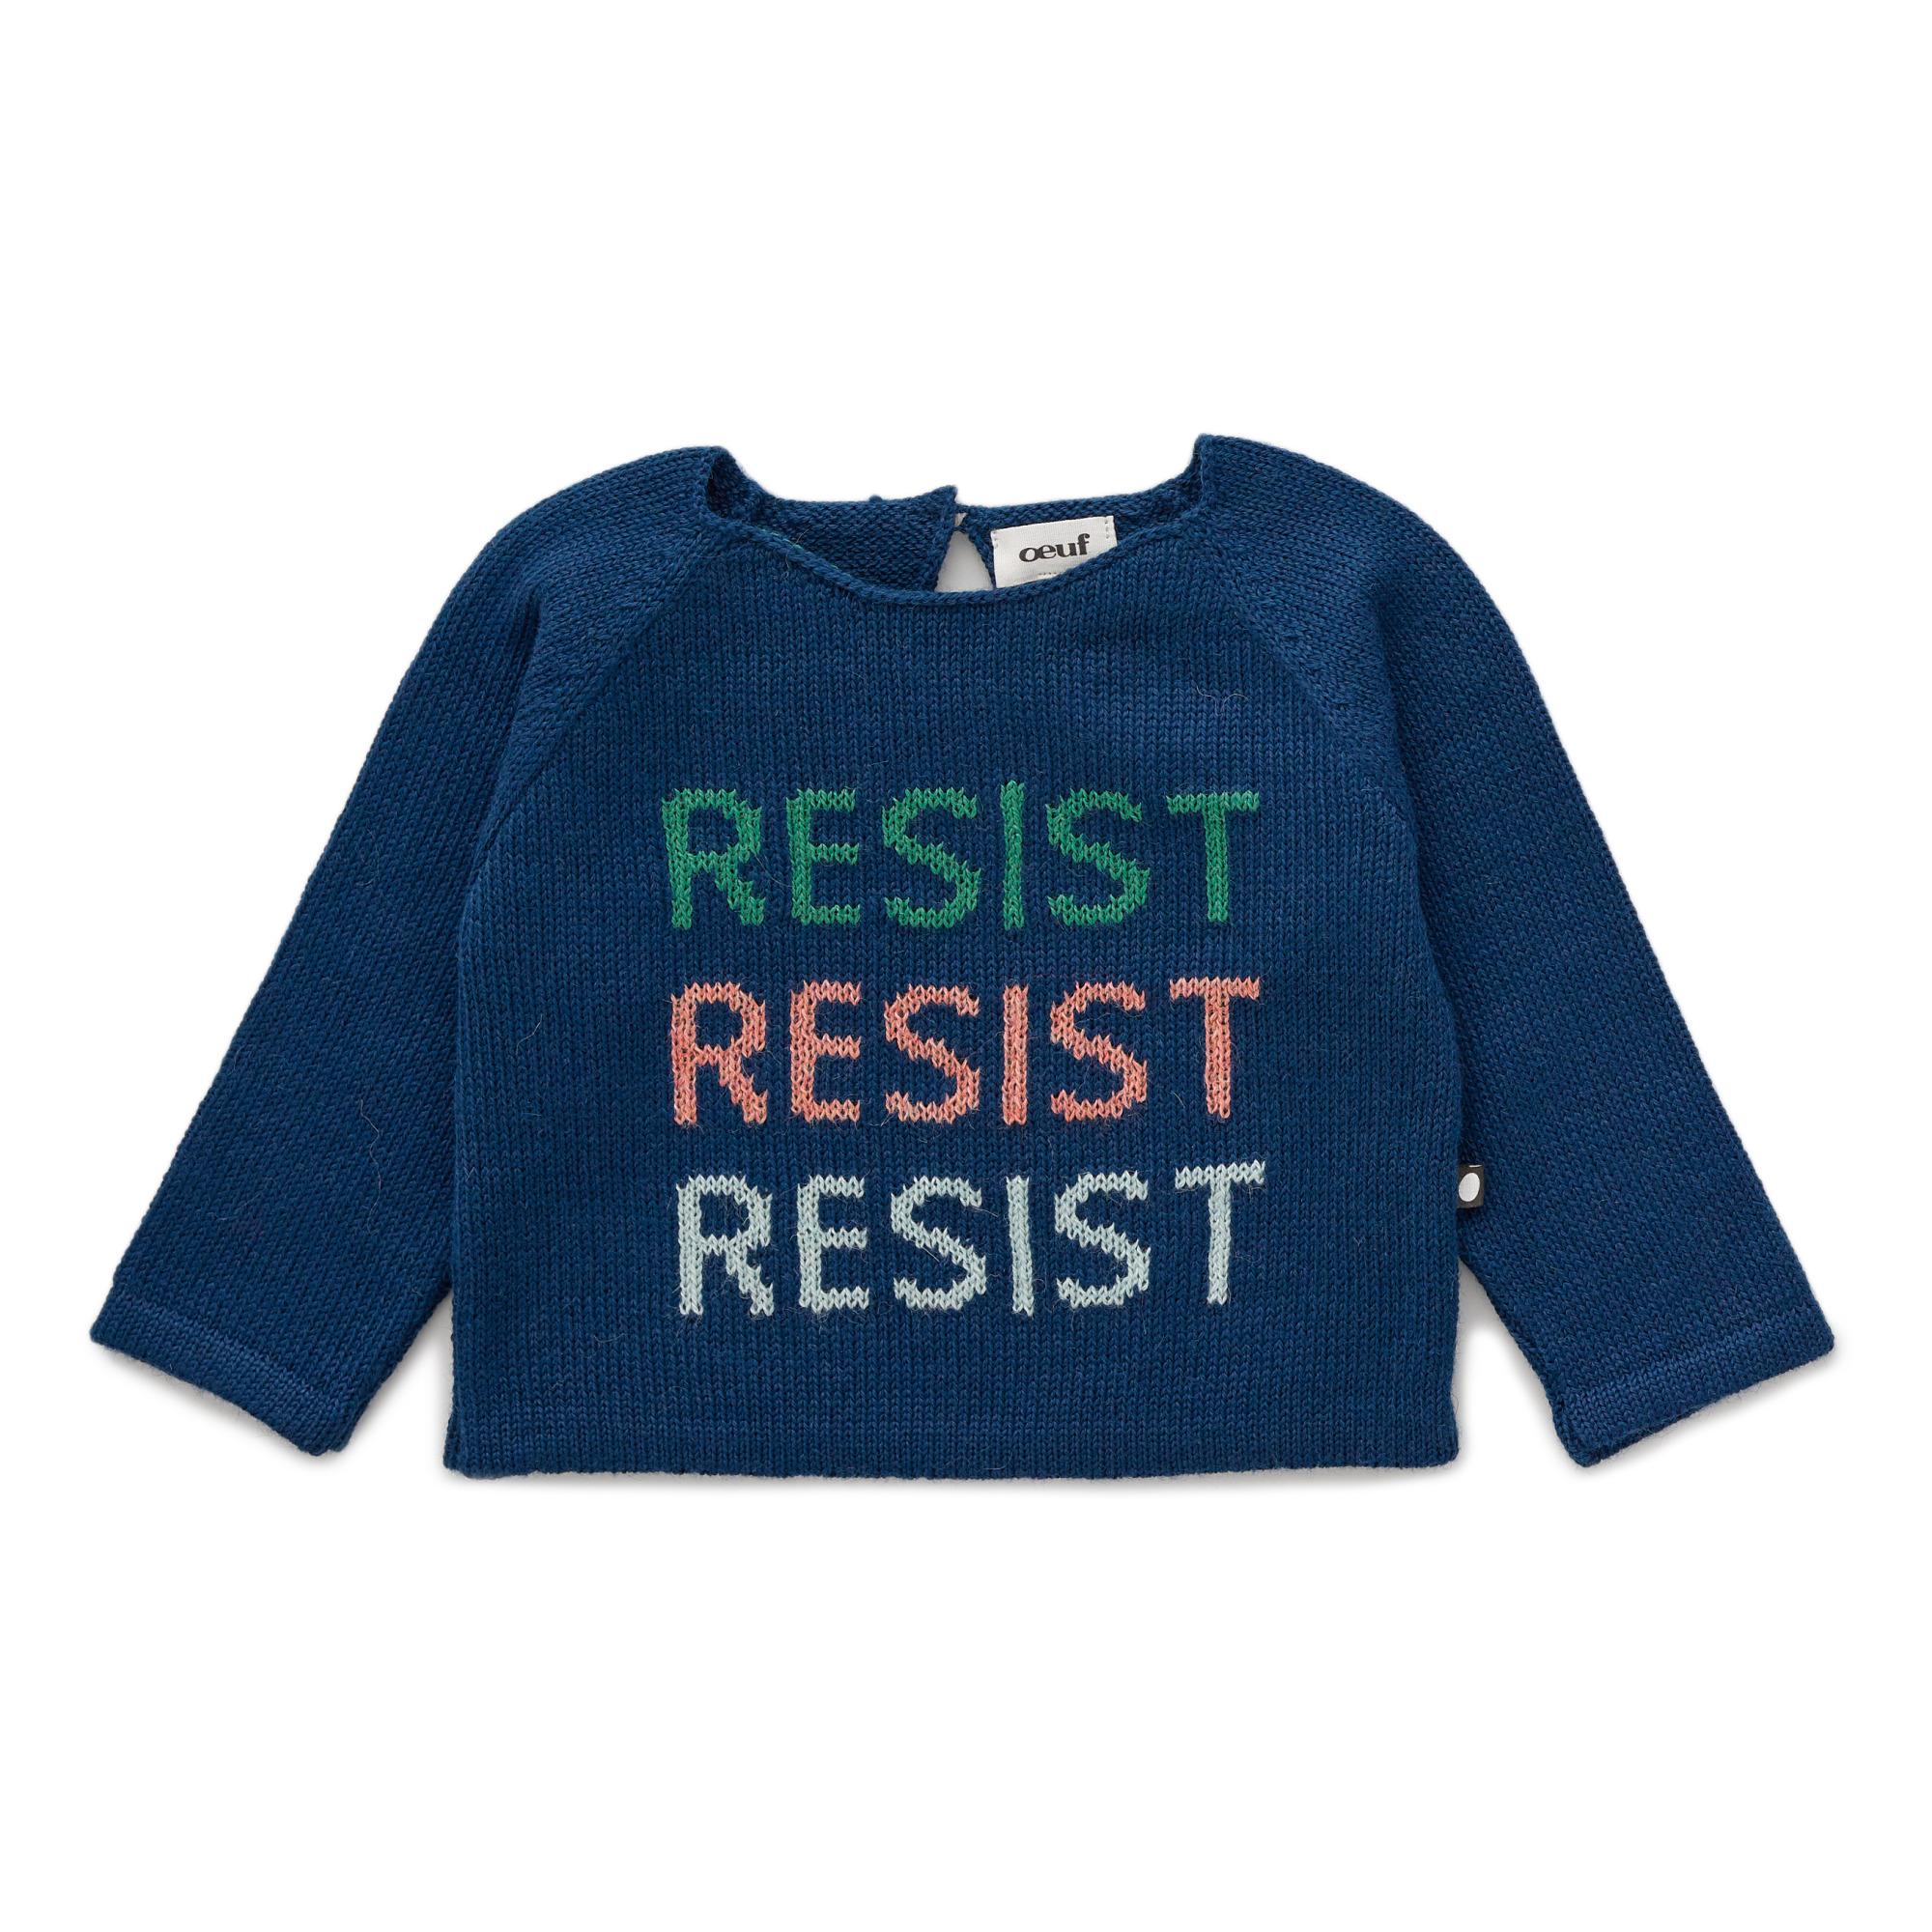 Oeuf NYC - Pull Baby Alpaga Resist - Fille - Bleu indigo